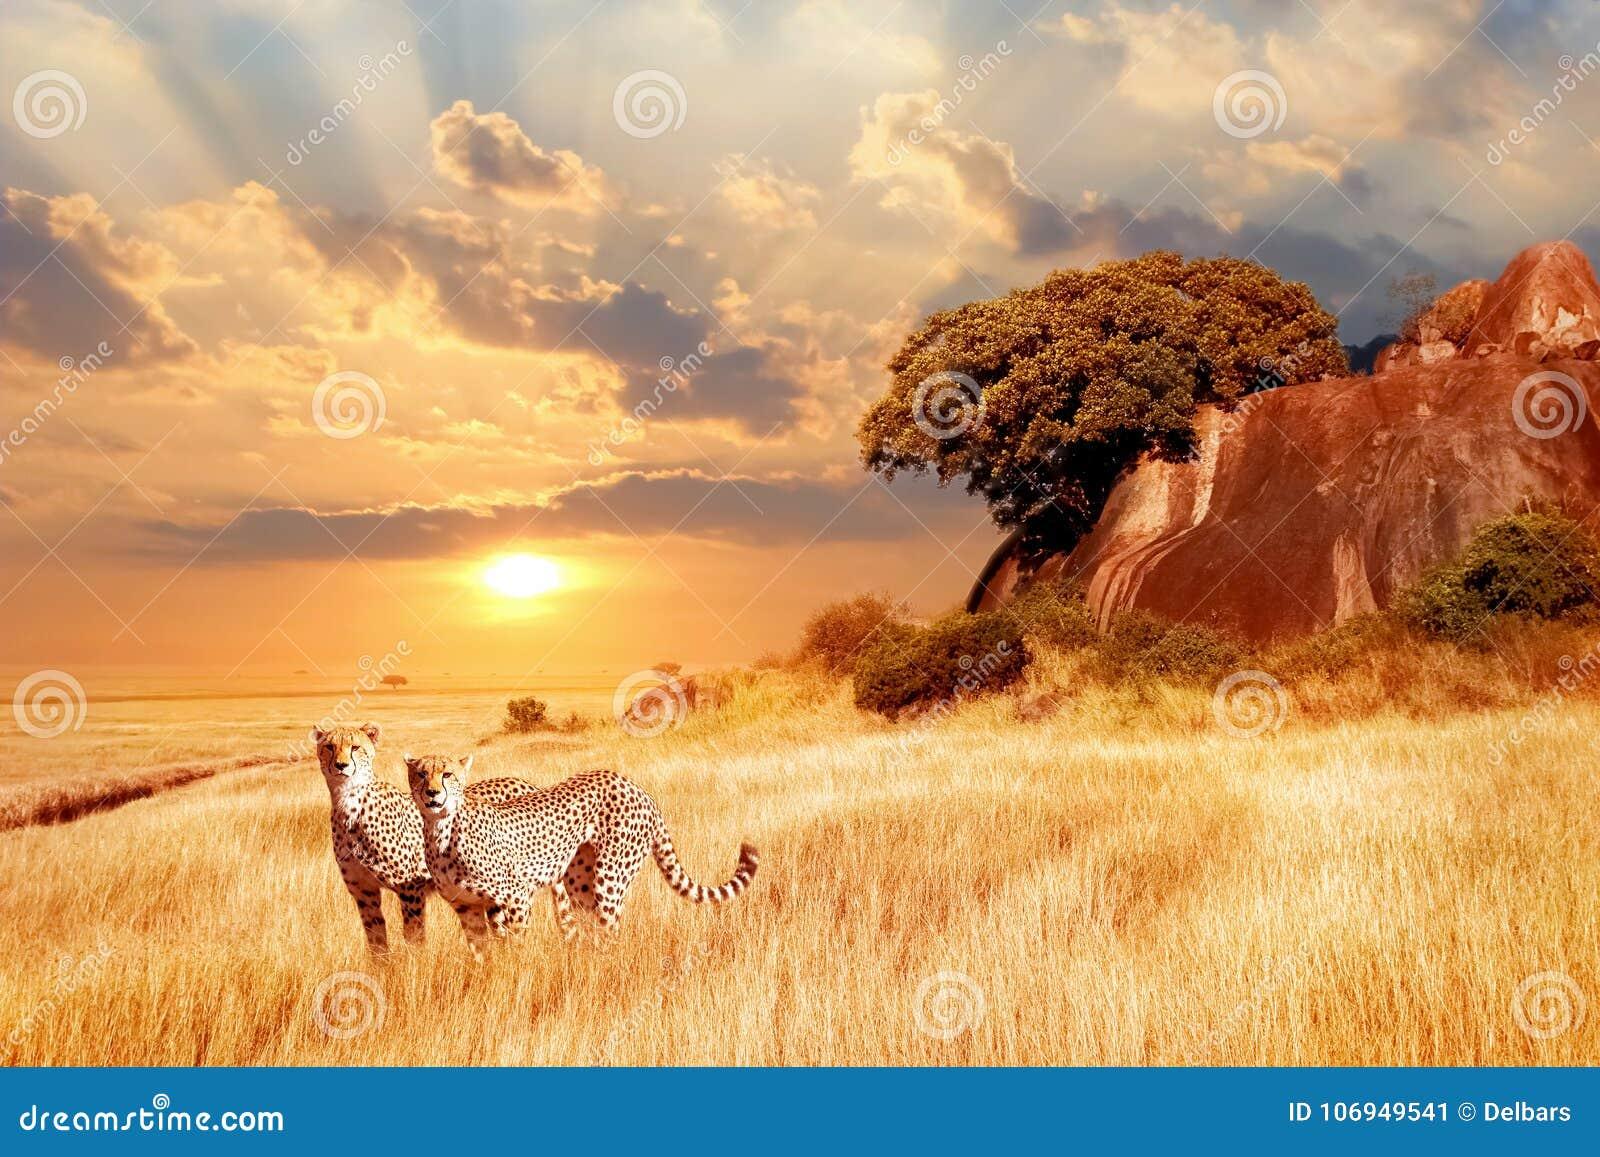 Jachtluipaarden in de Afrikaanse savanne tegen de achtergrond van mooie zonsondergang Serengeti nationaal park tanzania afrika